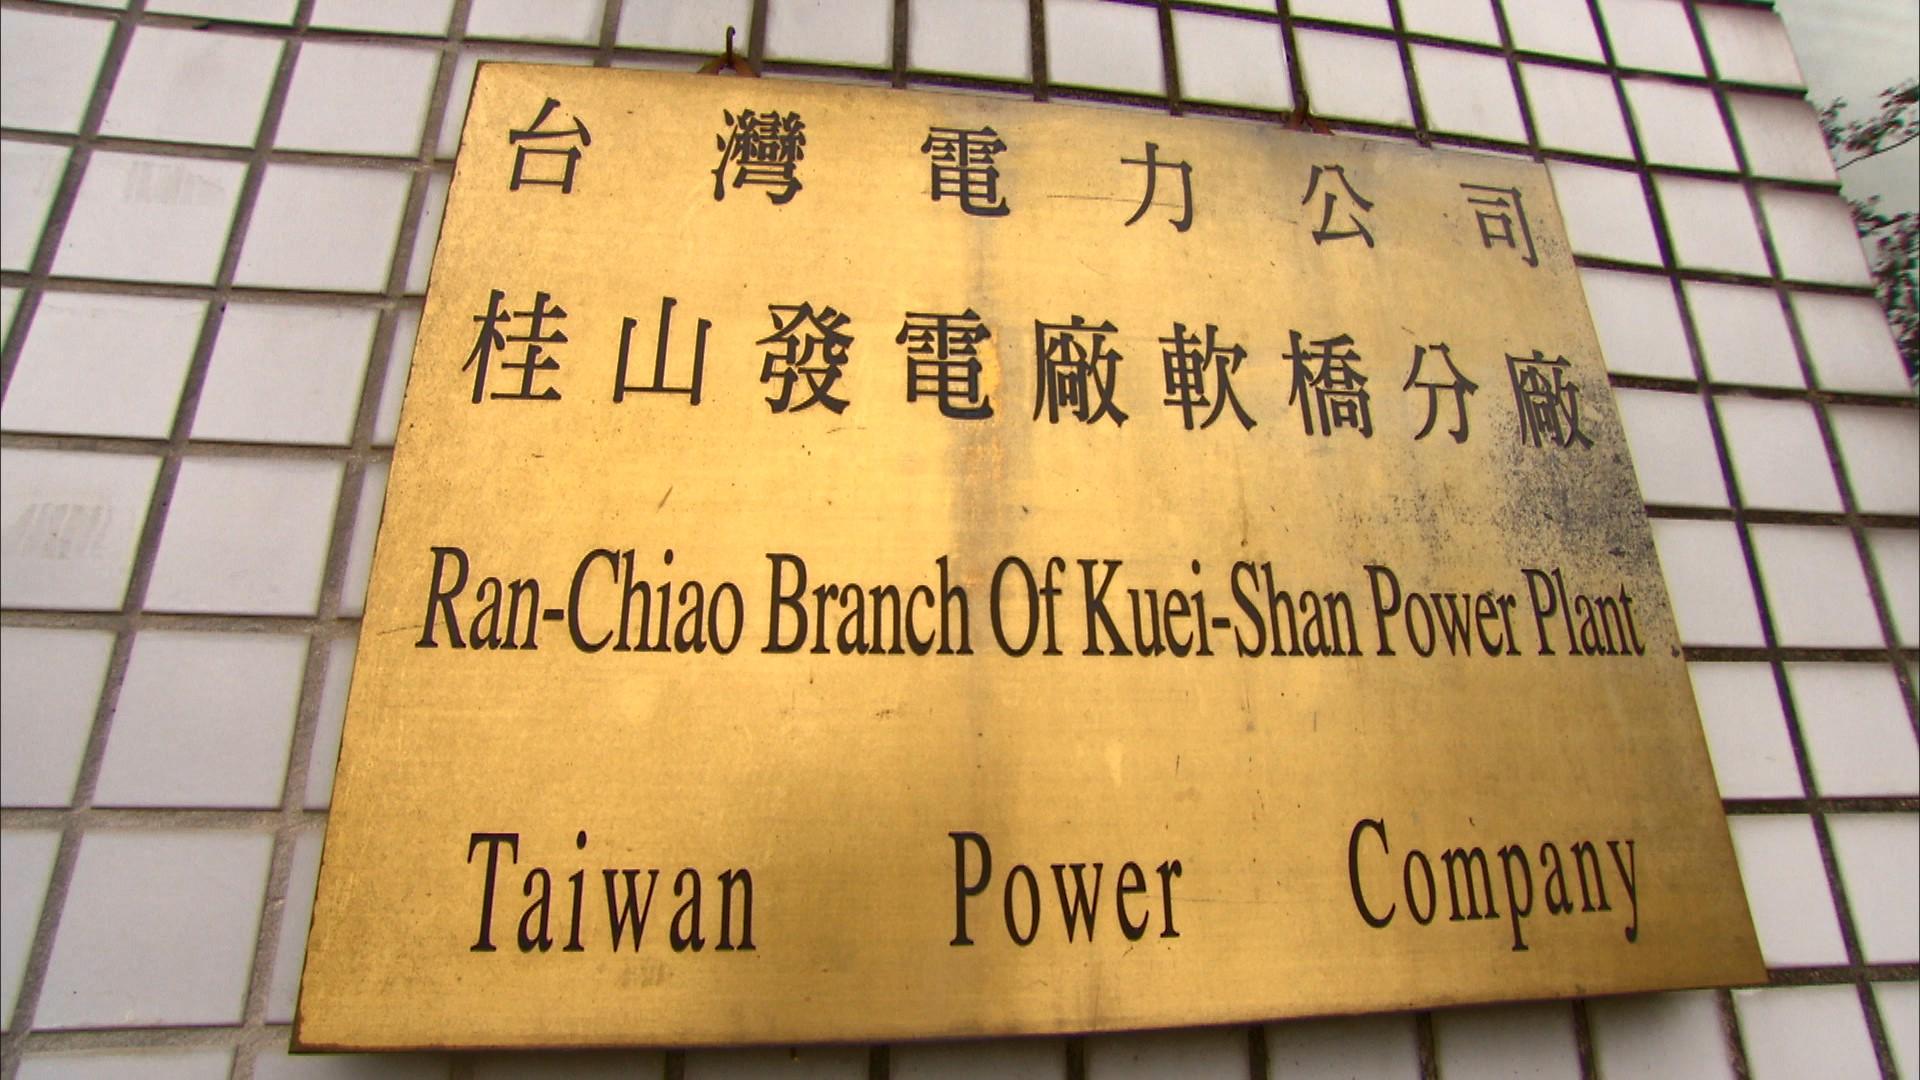 軟橋電廠銘牌:2001年軟橋發電廠改稱為桂山發電廠軟橋機組